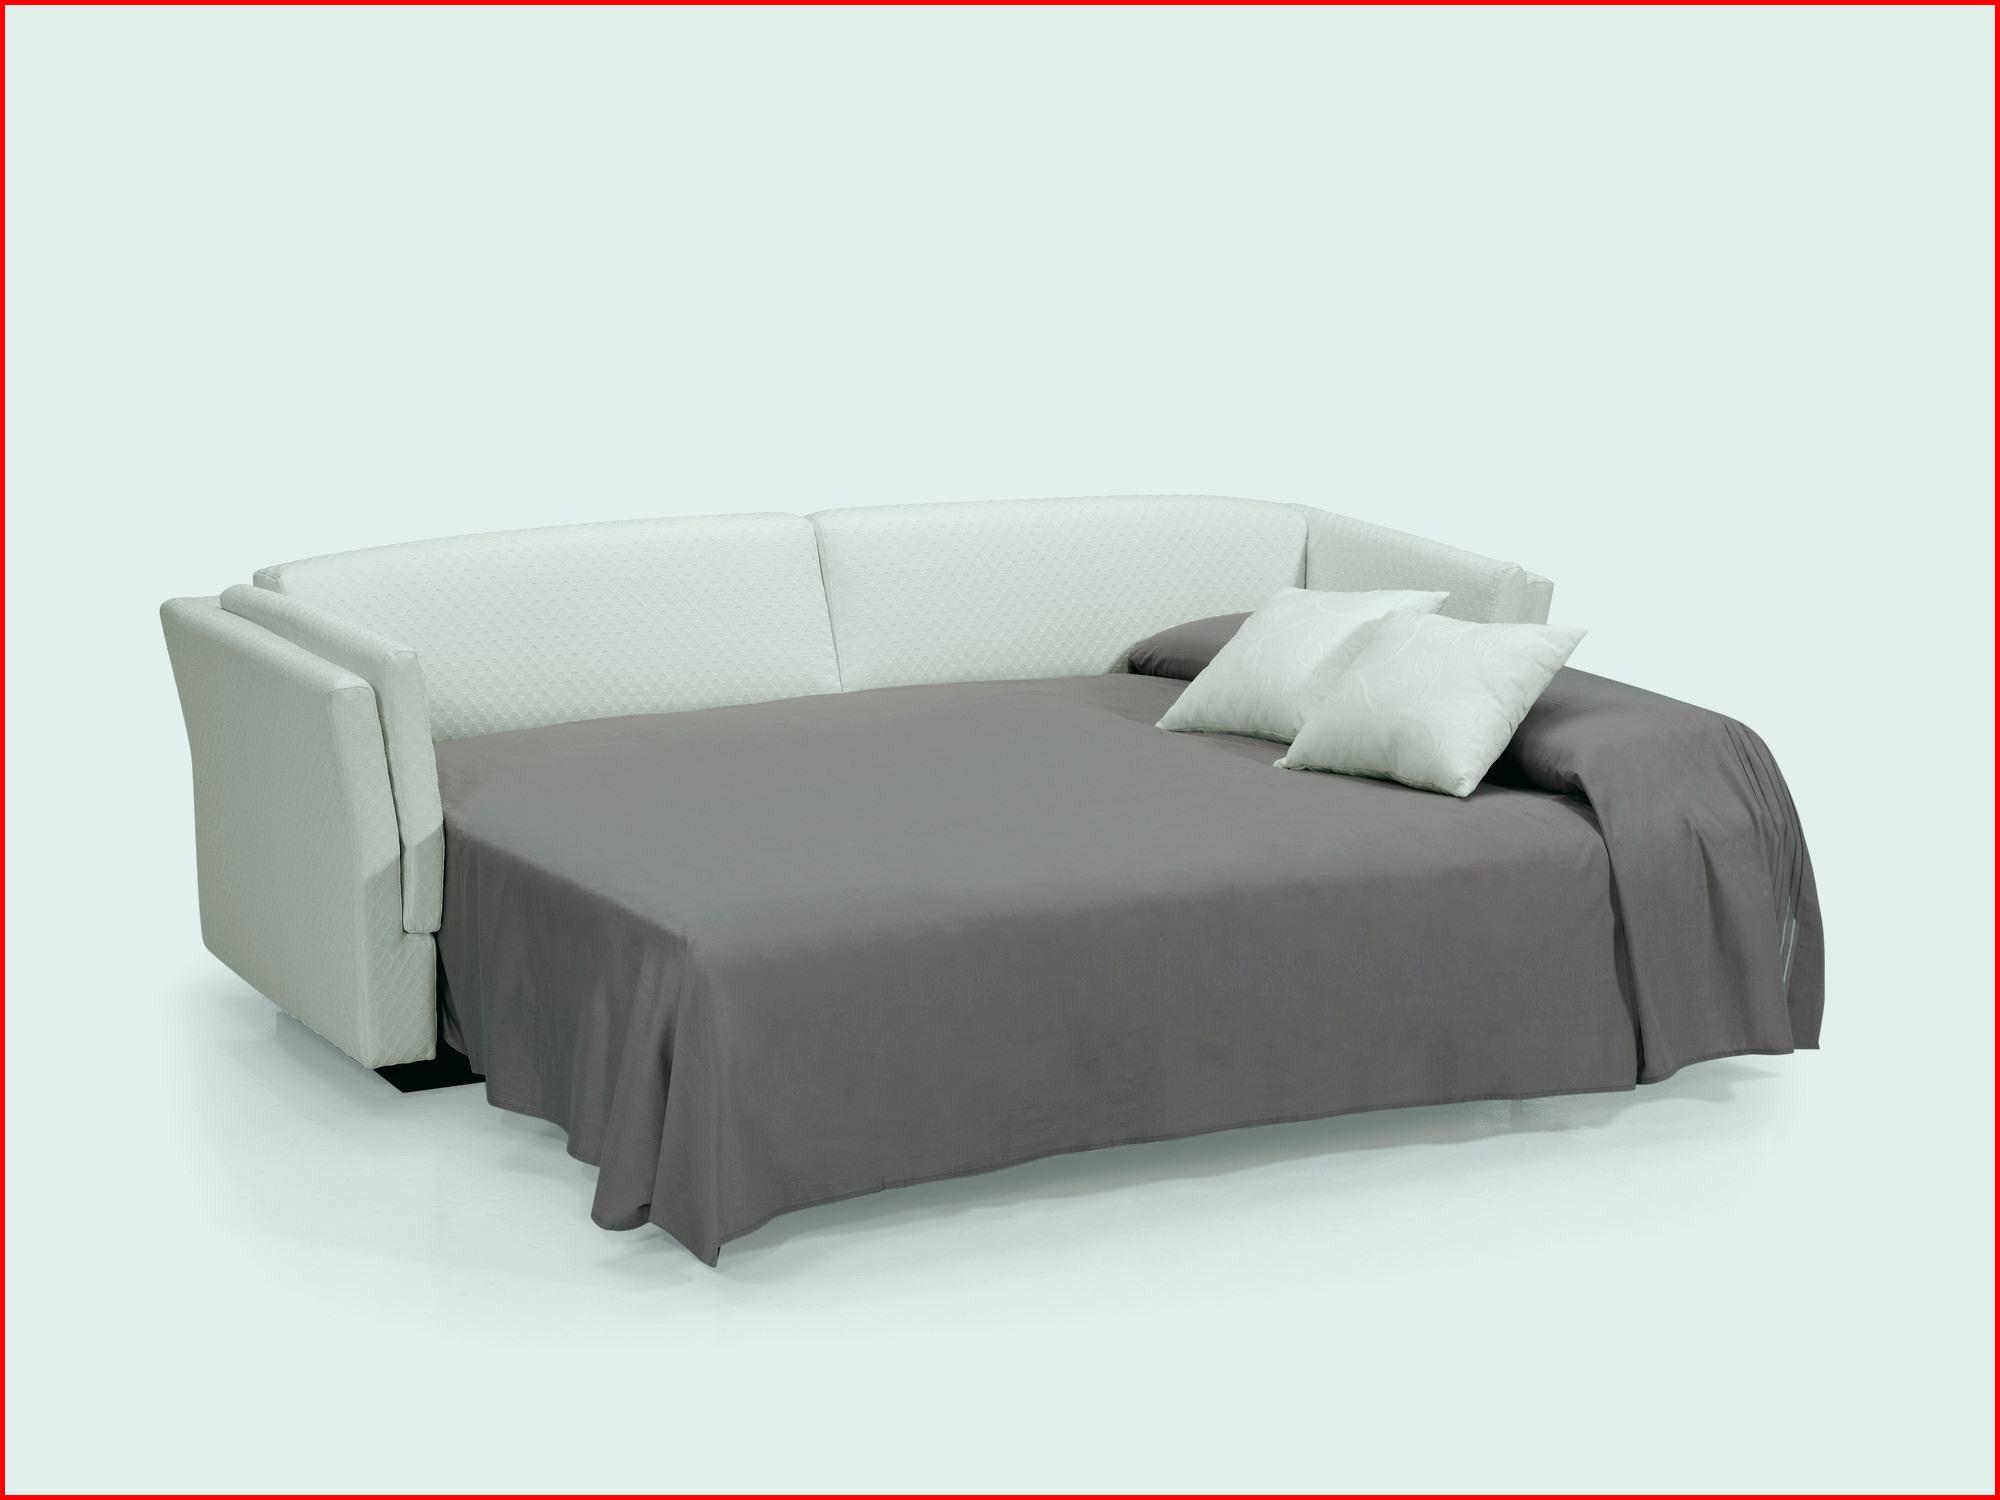 canap lit maison du monde de luxe fantastique canap lit. Black Bedroom Furniture Sets. Home Design Ideas